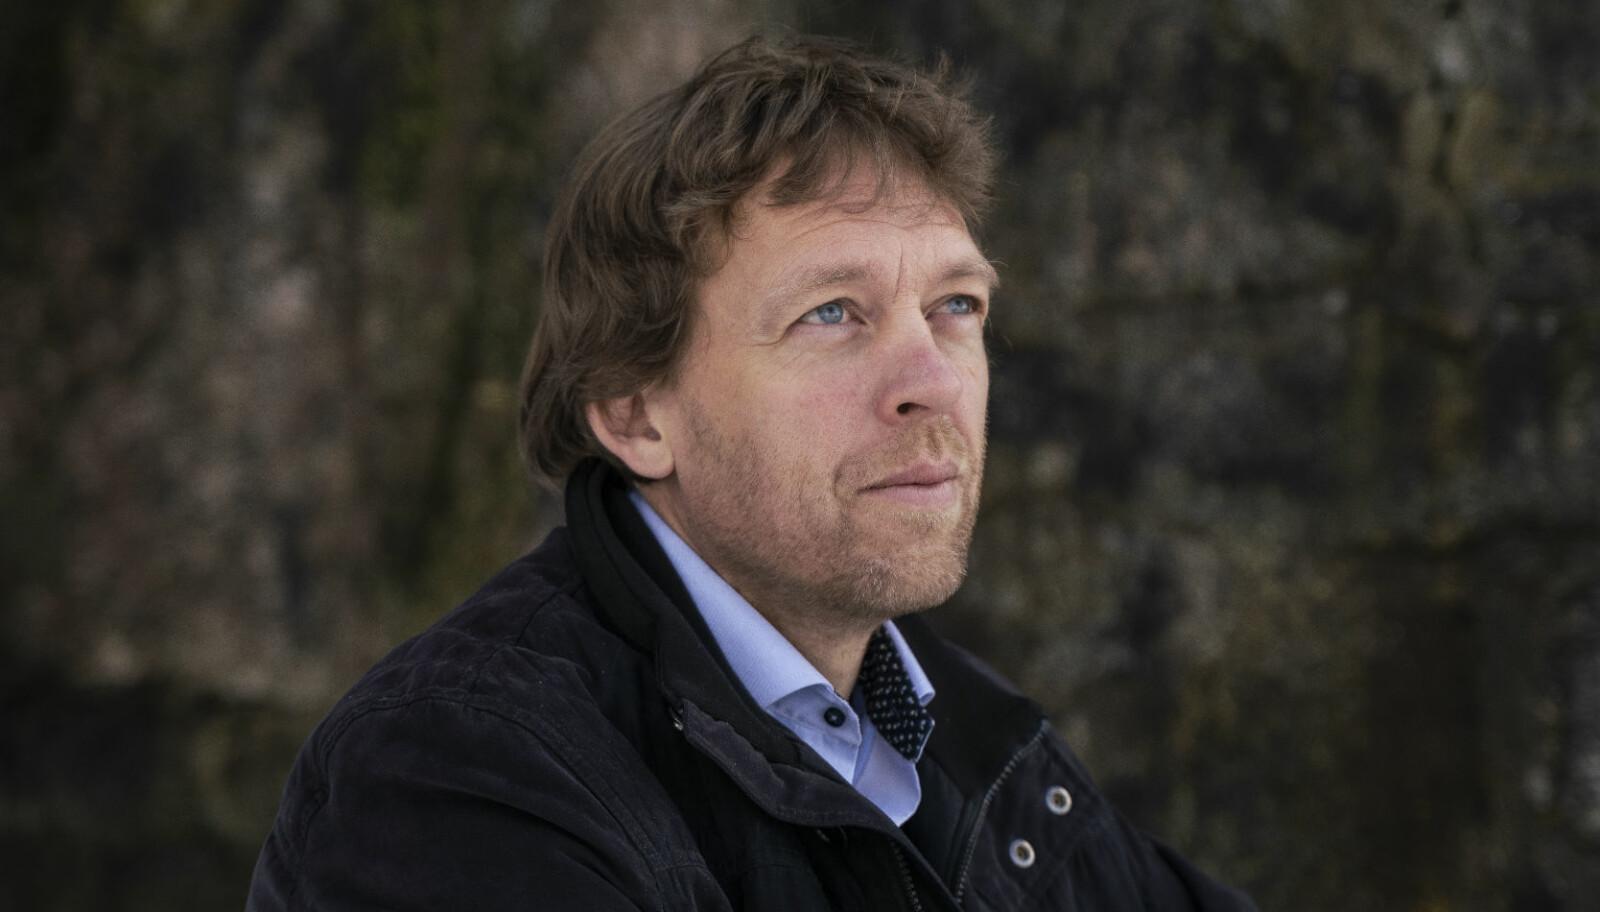 — Dette er ikke et politisk spørsmål, det er et vitenskapelig spørsmål, sier Vegard Bruun Bratholm Wyller.